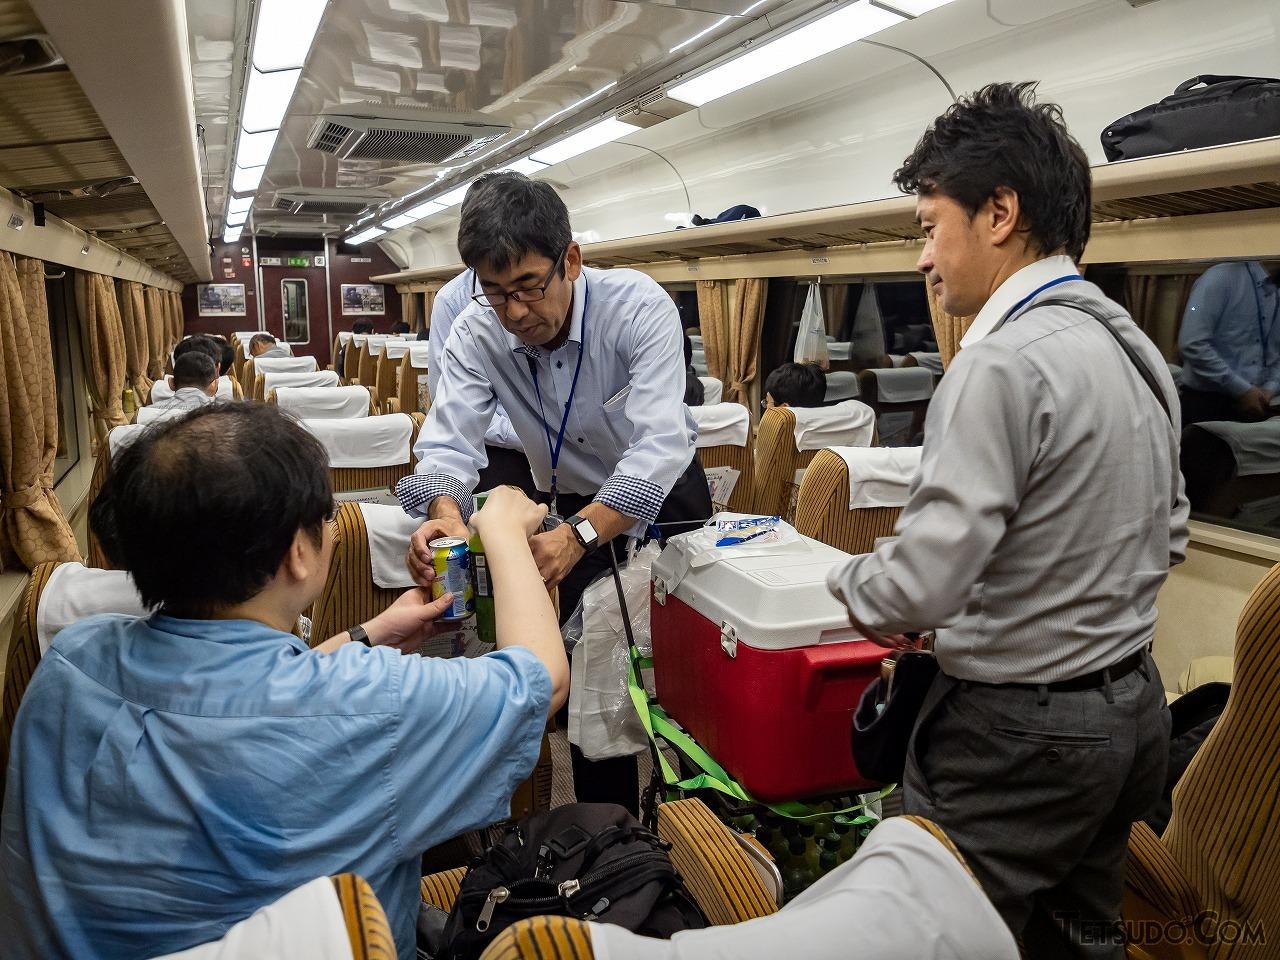 1時過ぎ到着の新栃木駅まで車内販売が実施されました。缶ビール250円、柿ピー110円など商売っ気の価格設定で飛ぶように売れていきました